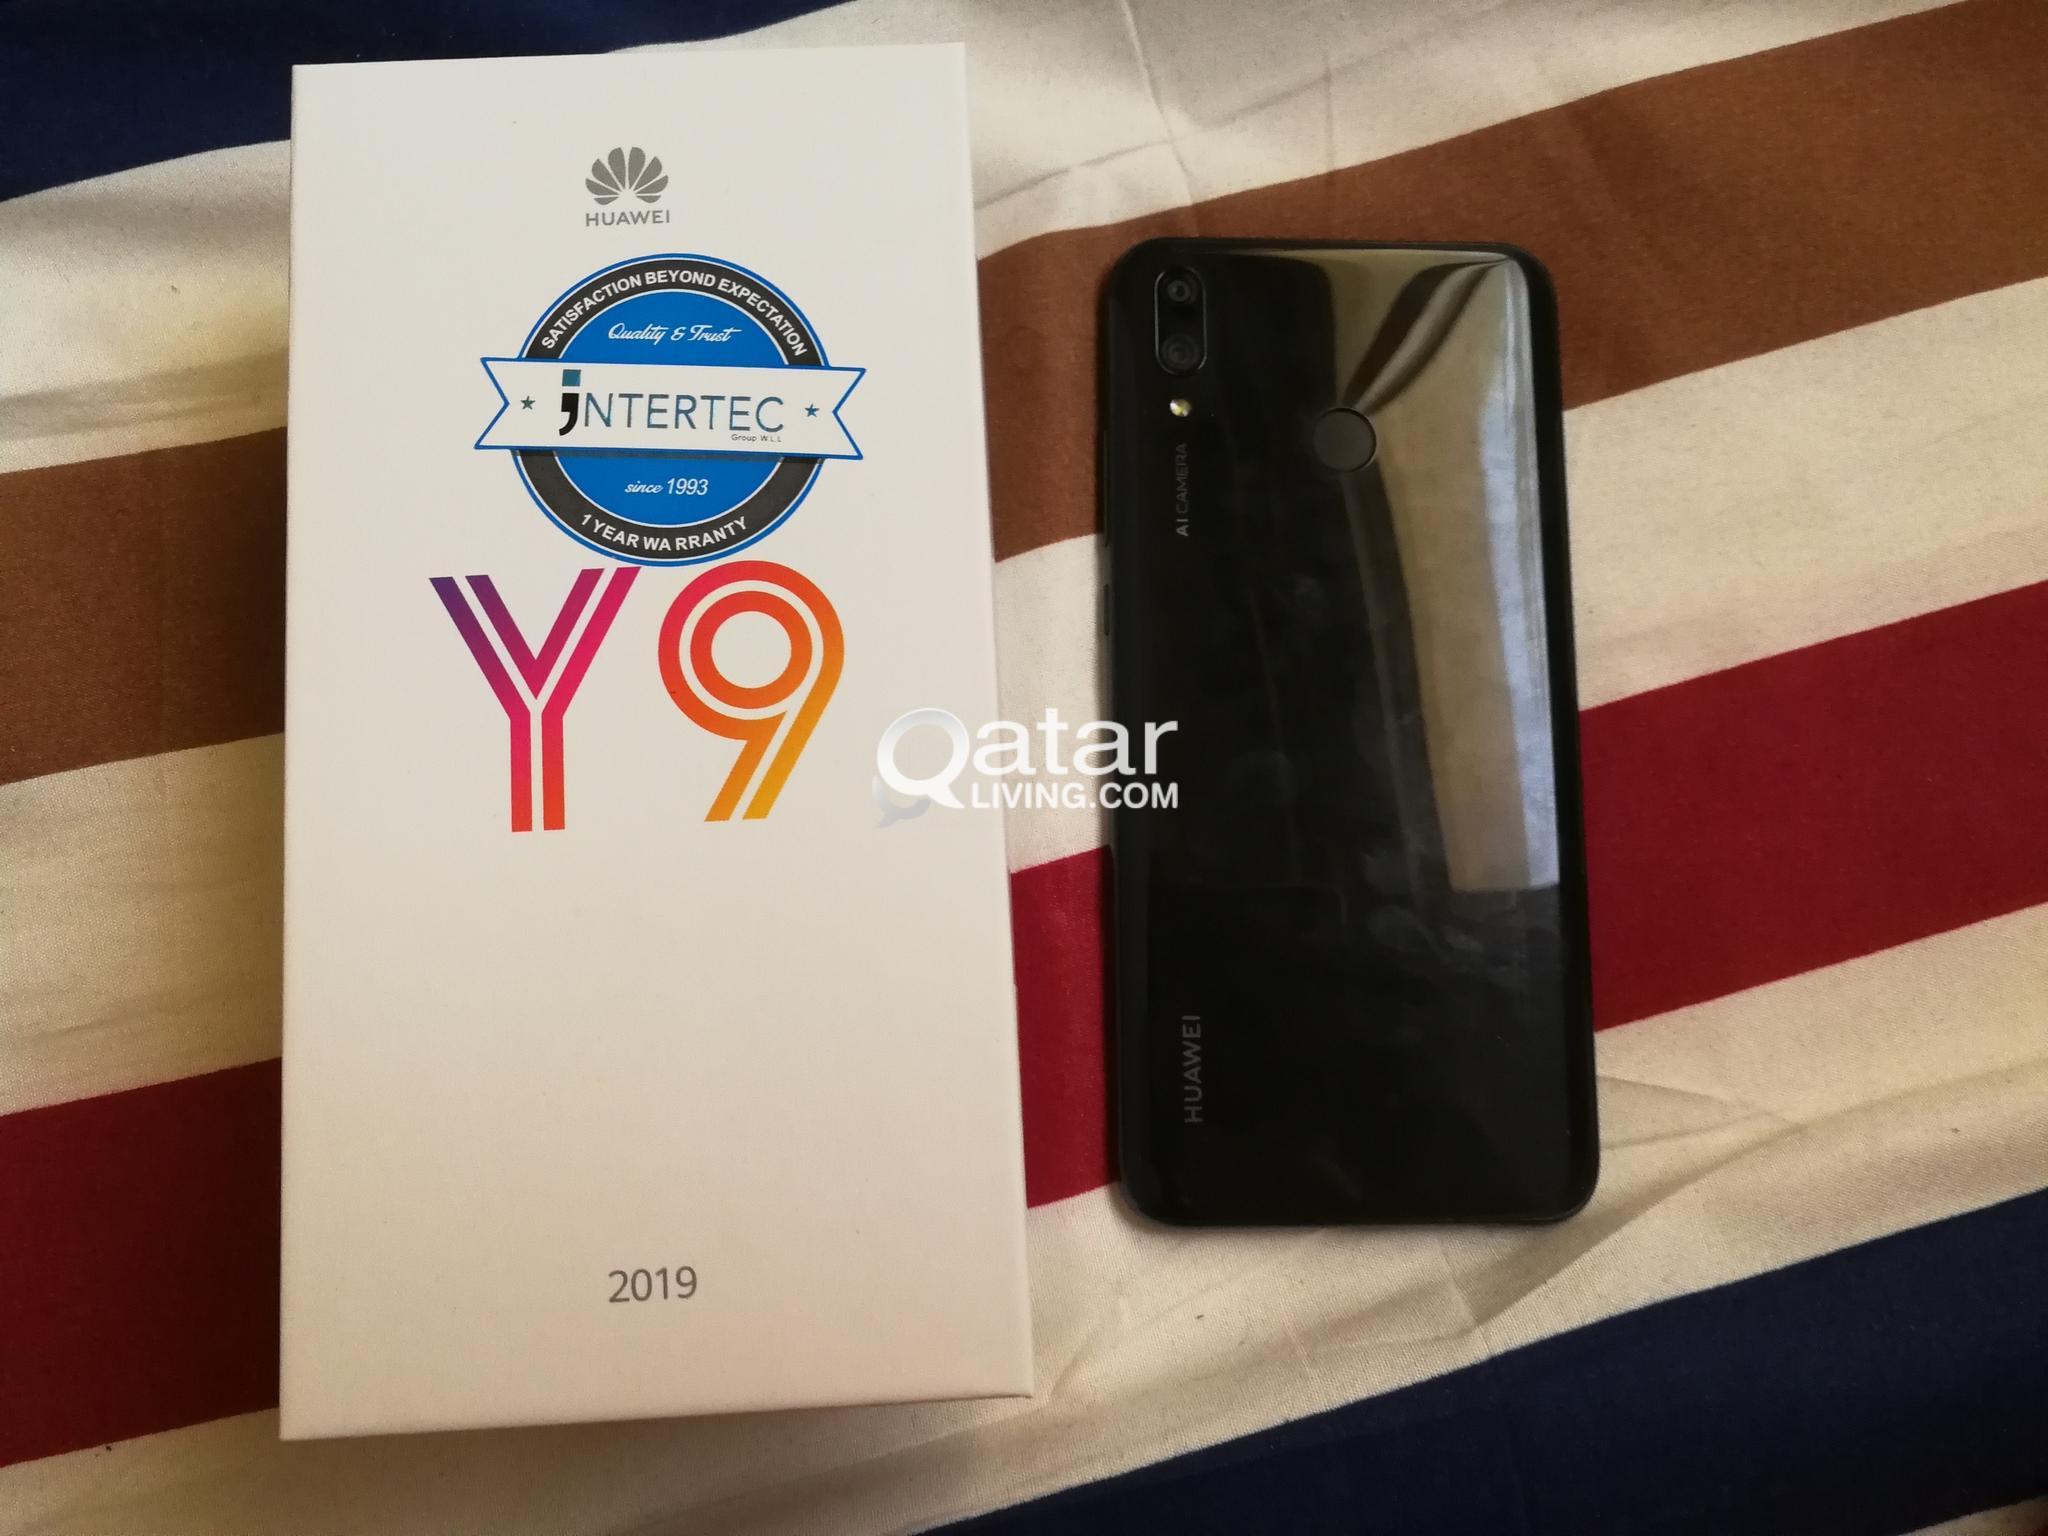 Huawei y9 2019  4gb ram, 64gb rom, 5month used  Warranty